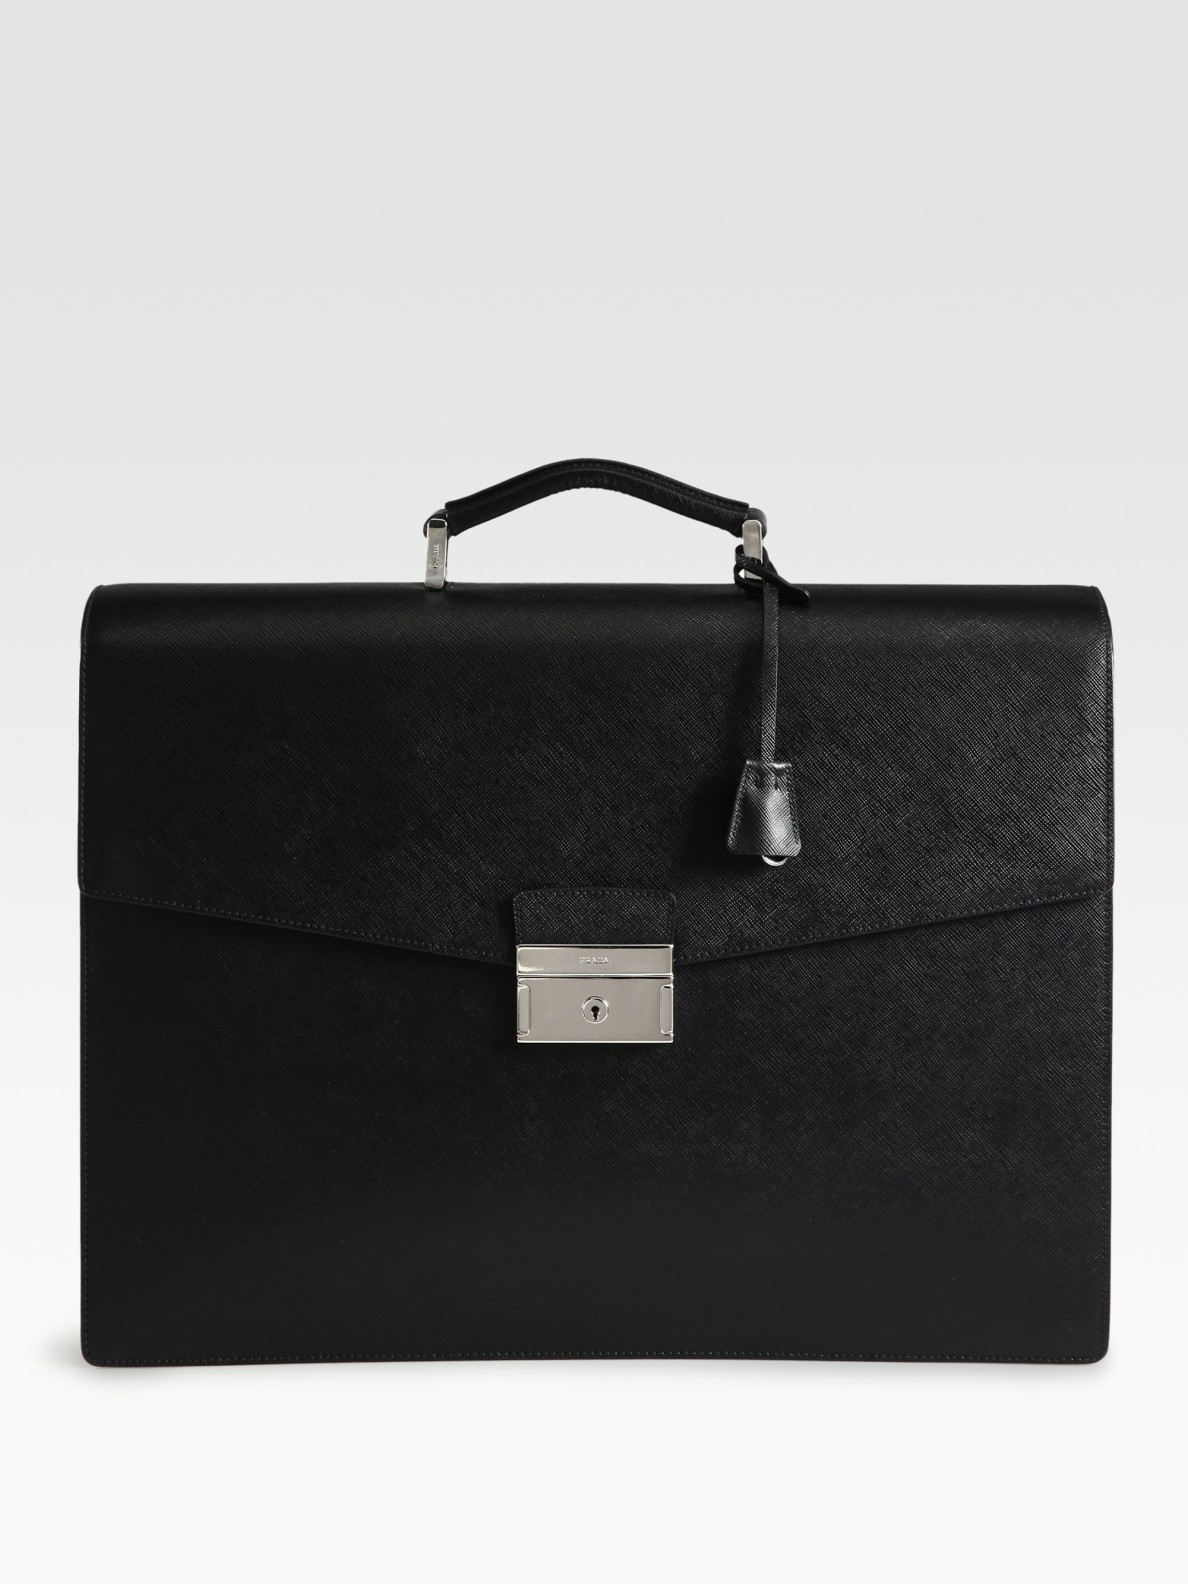 Prada Saffiano Leather Briefcase In Black For Men Lyst